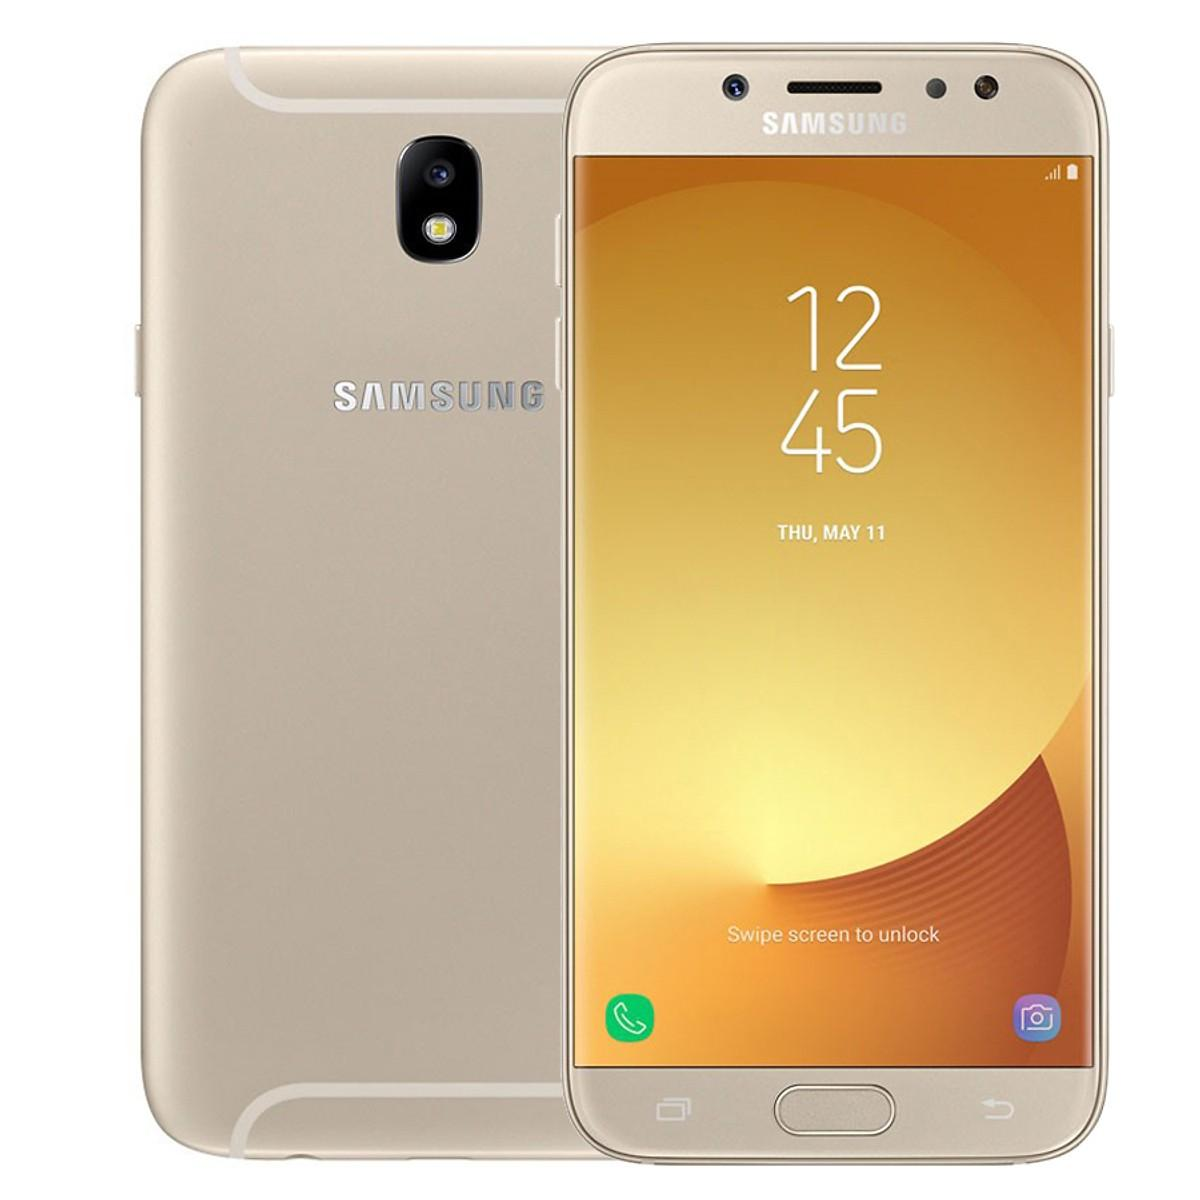 Điện Thoại Samsung Galaxy J7 Pro (Vàng) - Hàng Chính Hãng